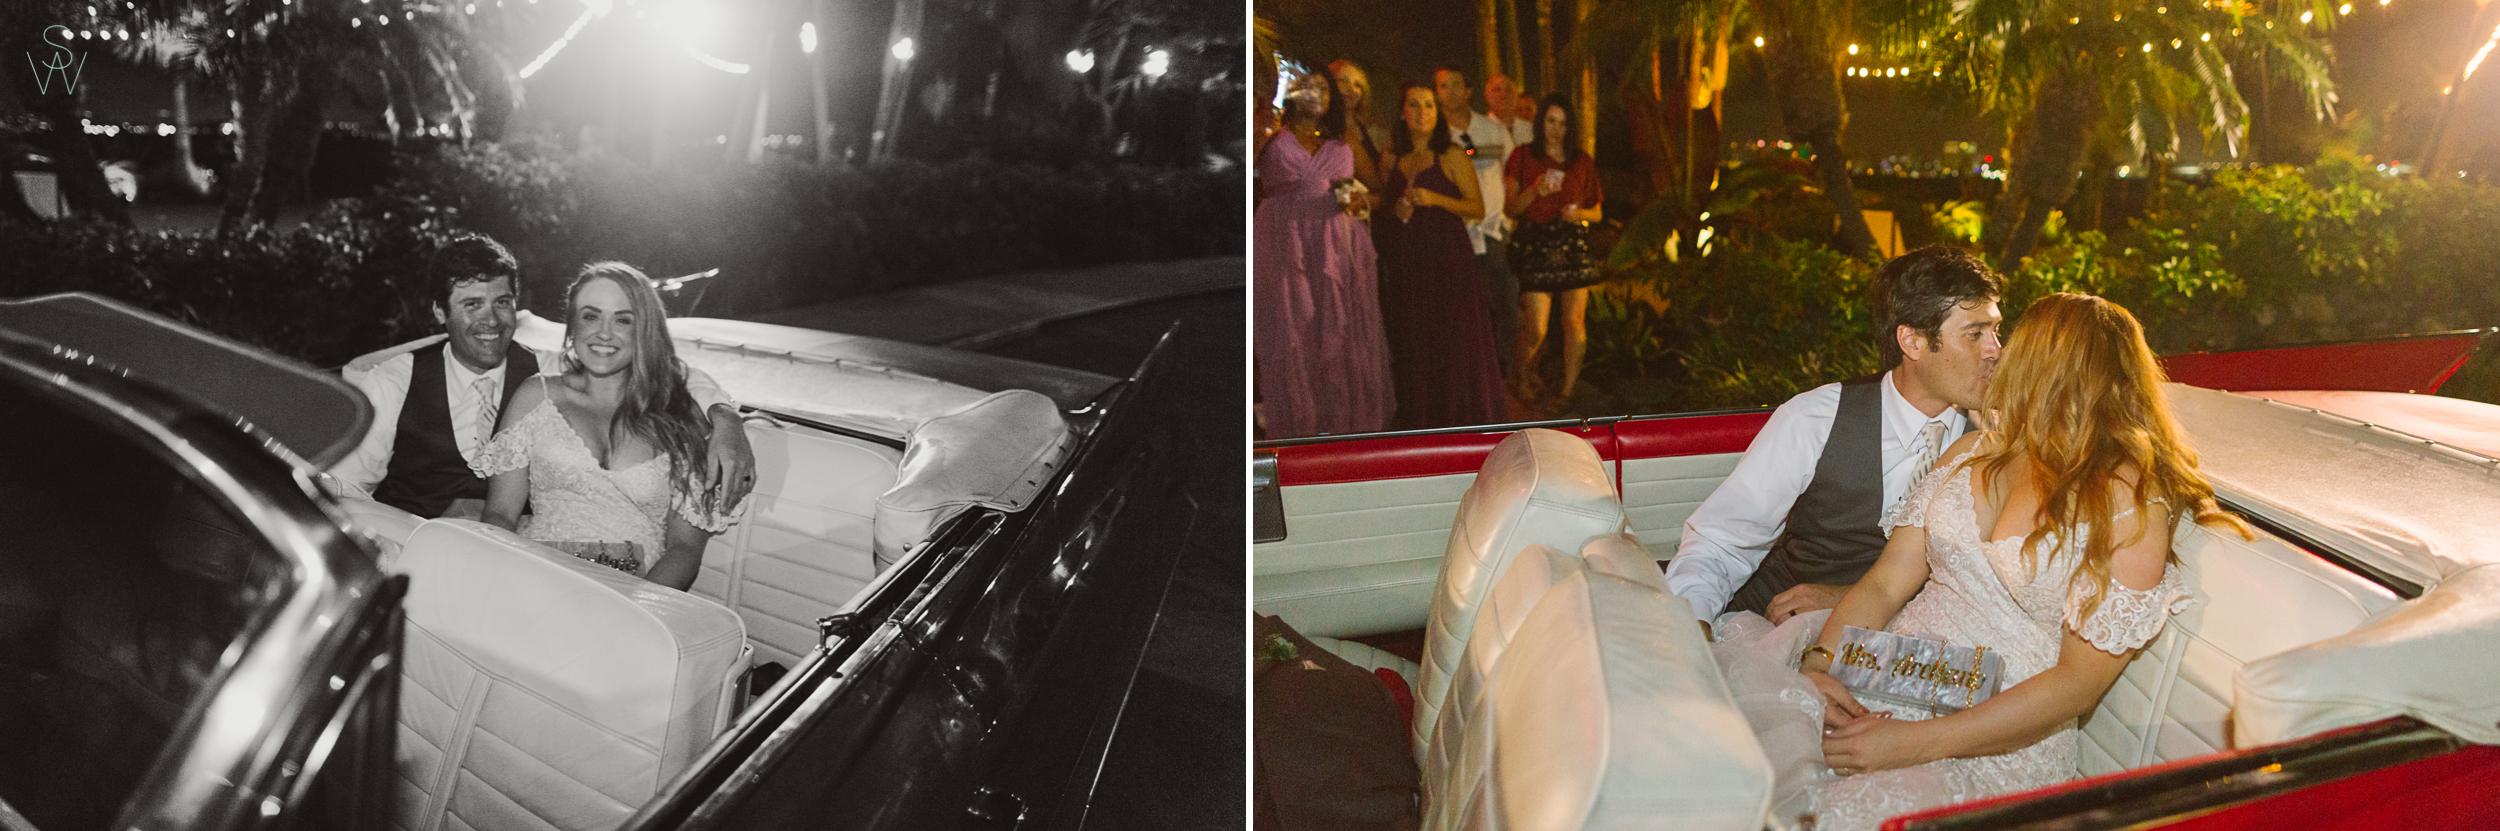 216San.diego.wedding.shewanders.photography.JPG